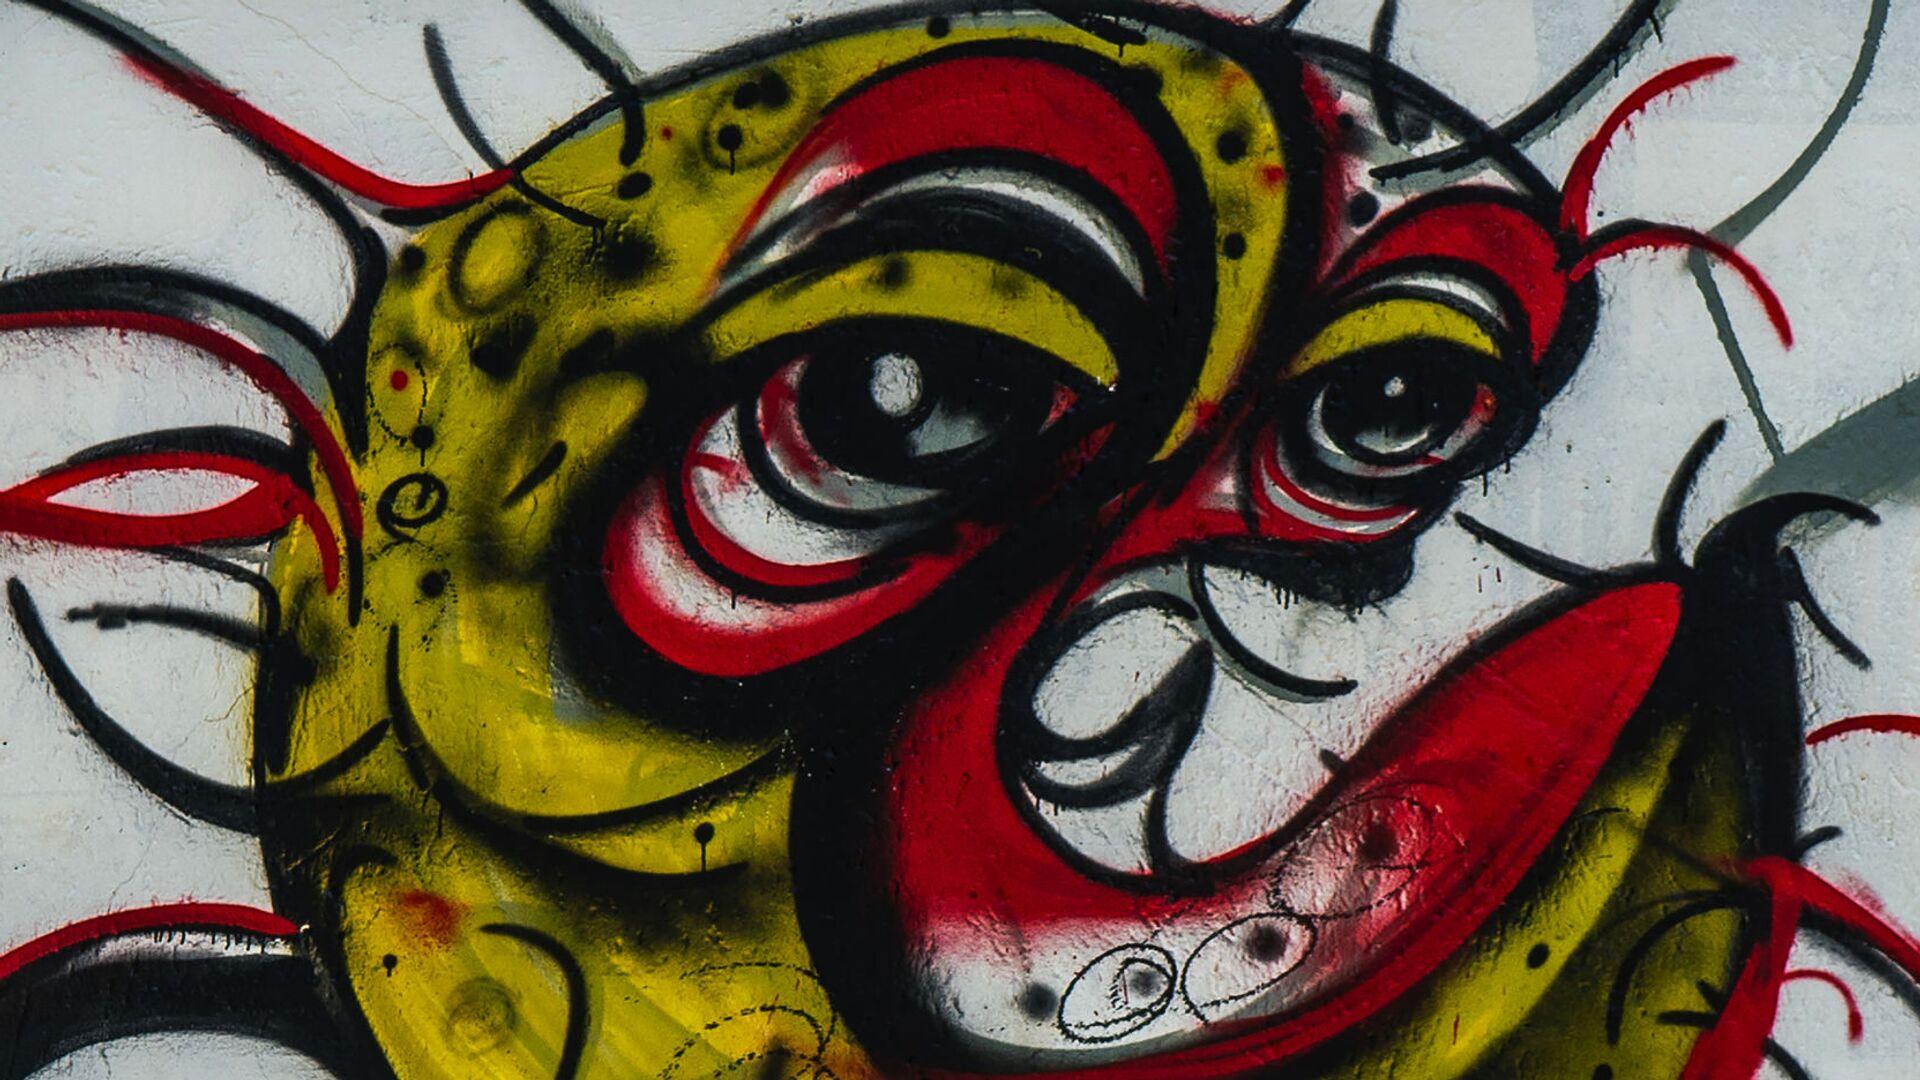 Ребенок у граффити с изображением COVID-19 в Совето, ЮАР - Sputnik Italia, 1920, 07.09.2021